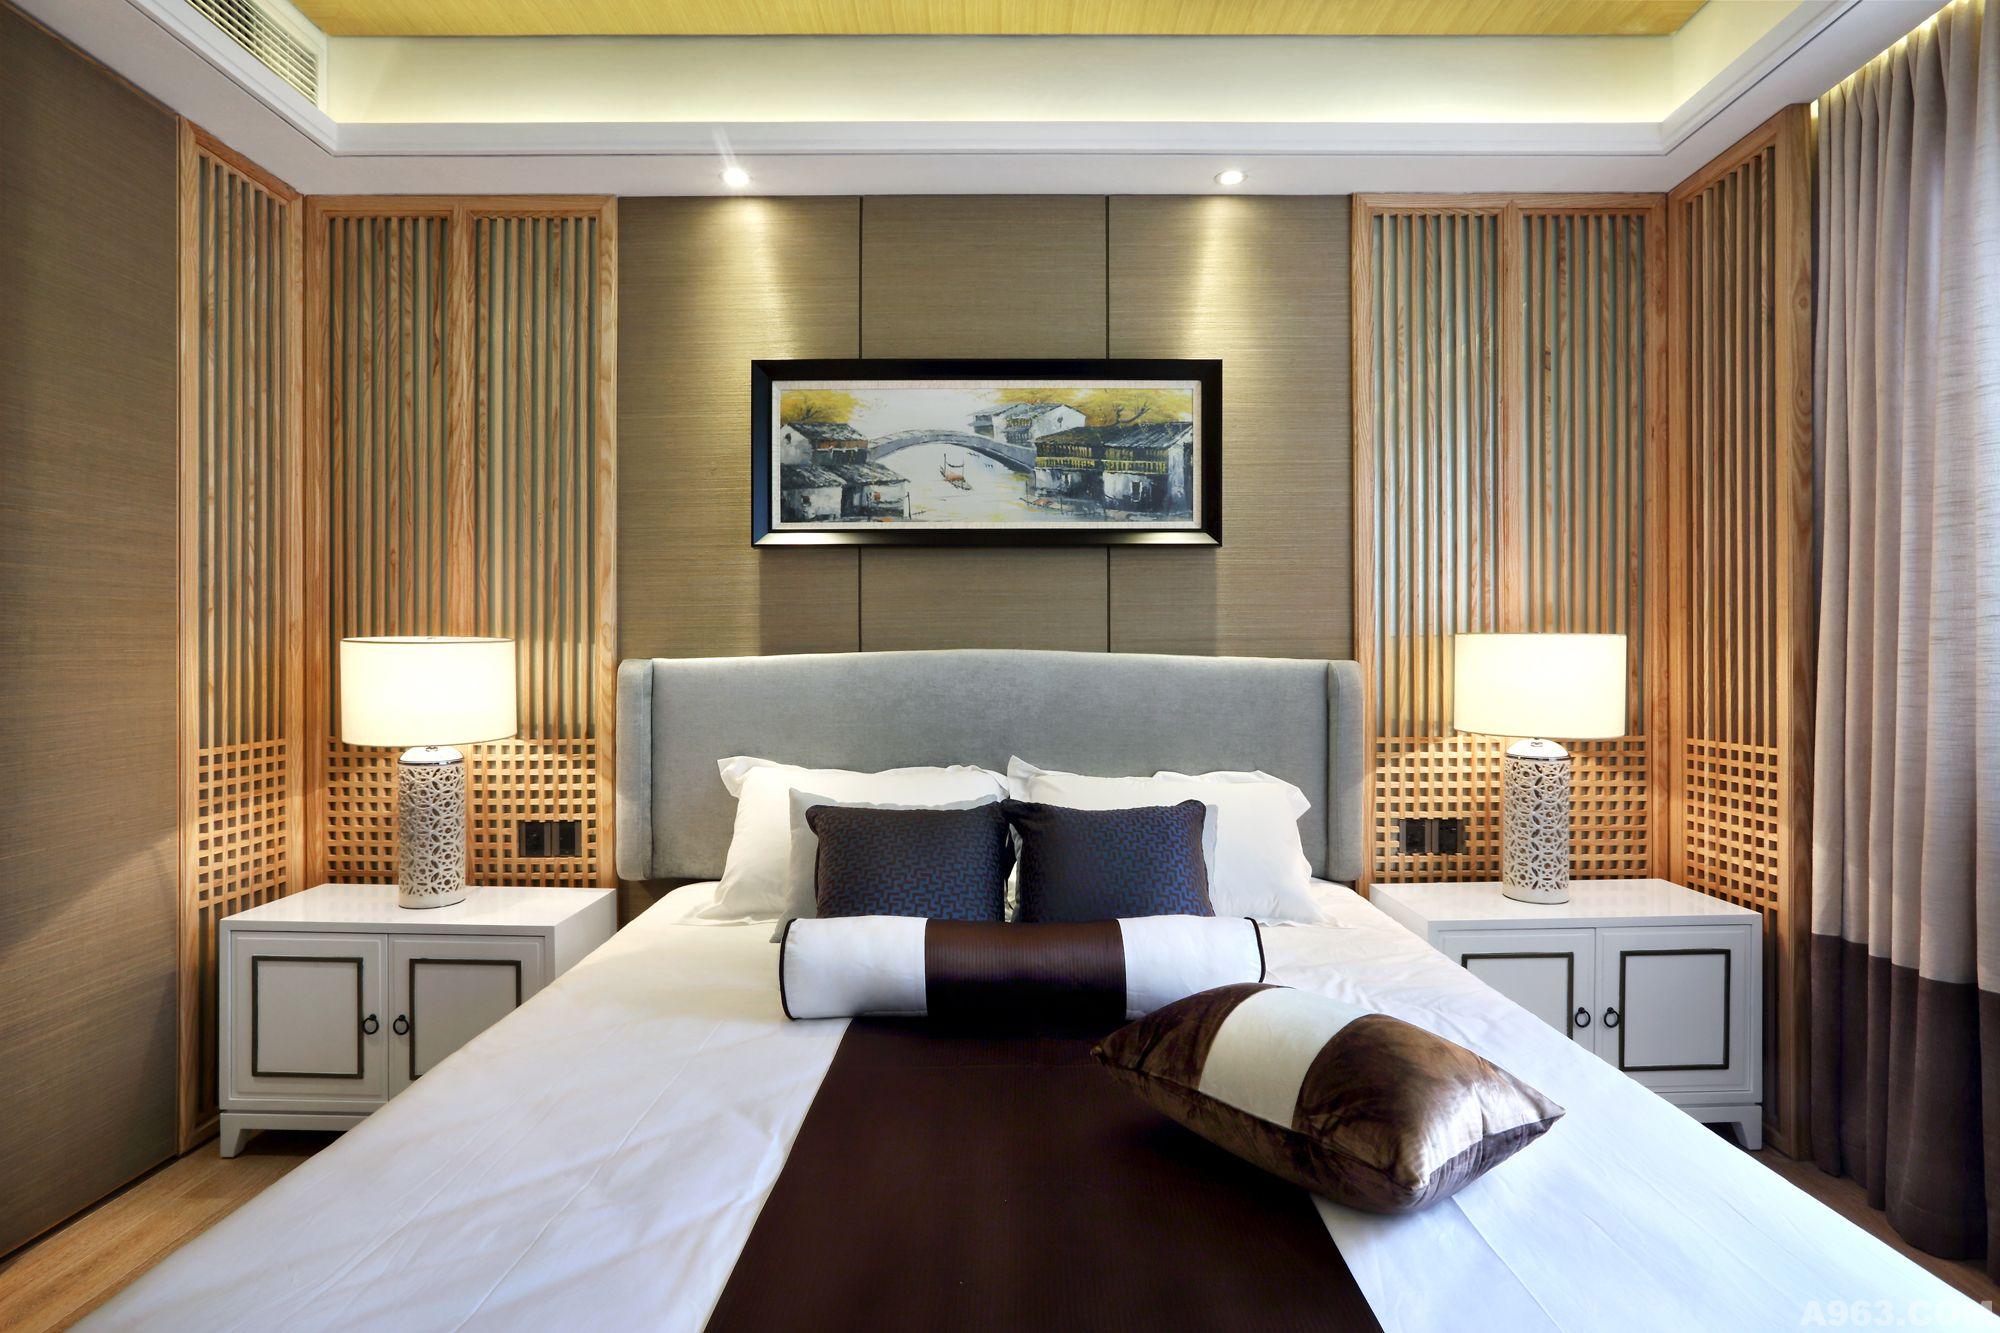 中华室内设计网 作品中心 住宅空间 样板房 > 林冠成作品  项目名称